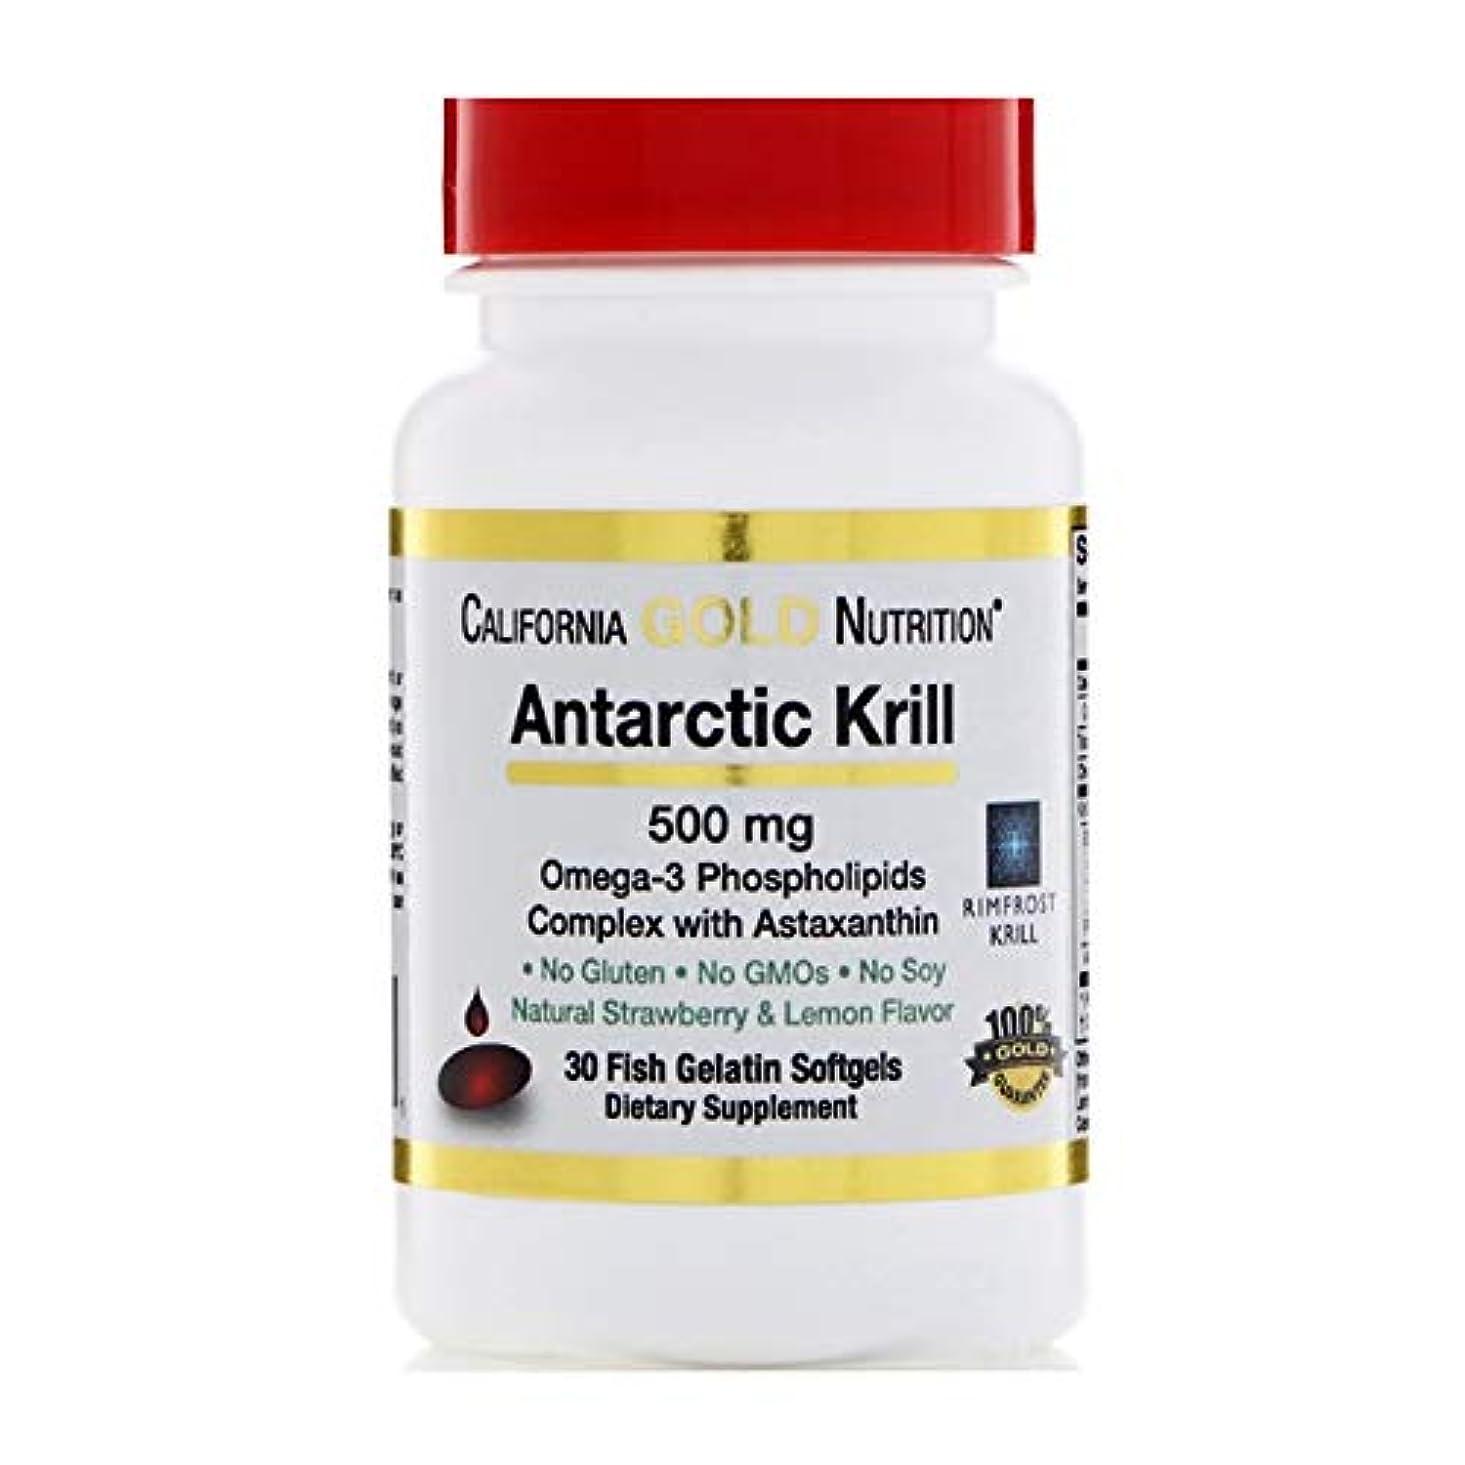 もつれ明快六月California Gold Nutrition Antarctic Krill Oil アスタキサンチン配合 RIMFROST 天然イチゴ レモン味 500 mg フィッシュゼラチンソフトジェル 30粒 【アメリカ直送】